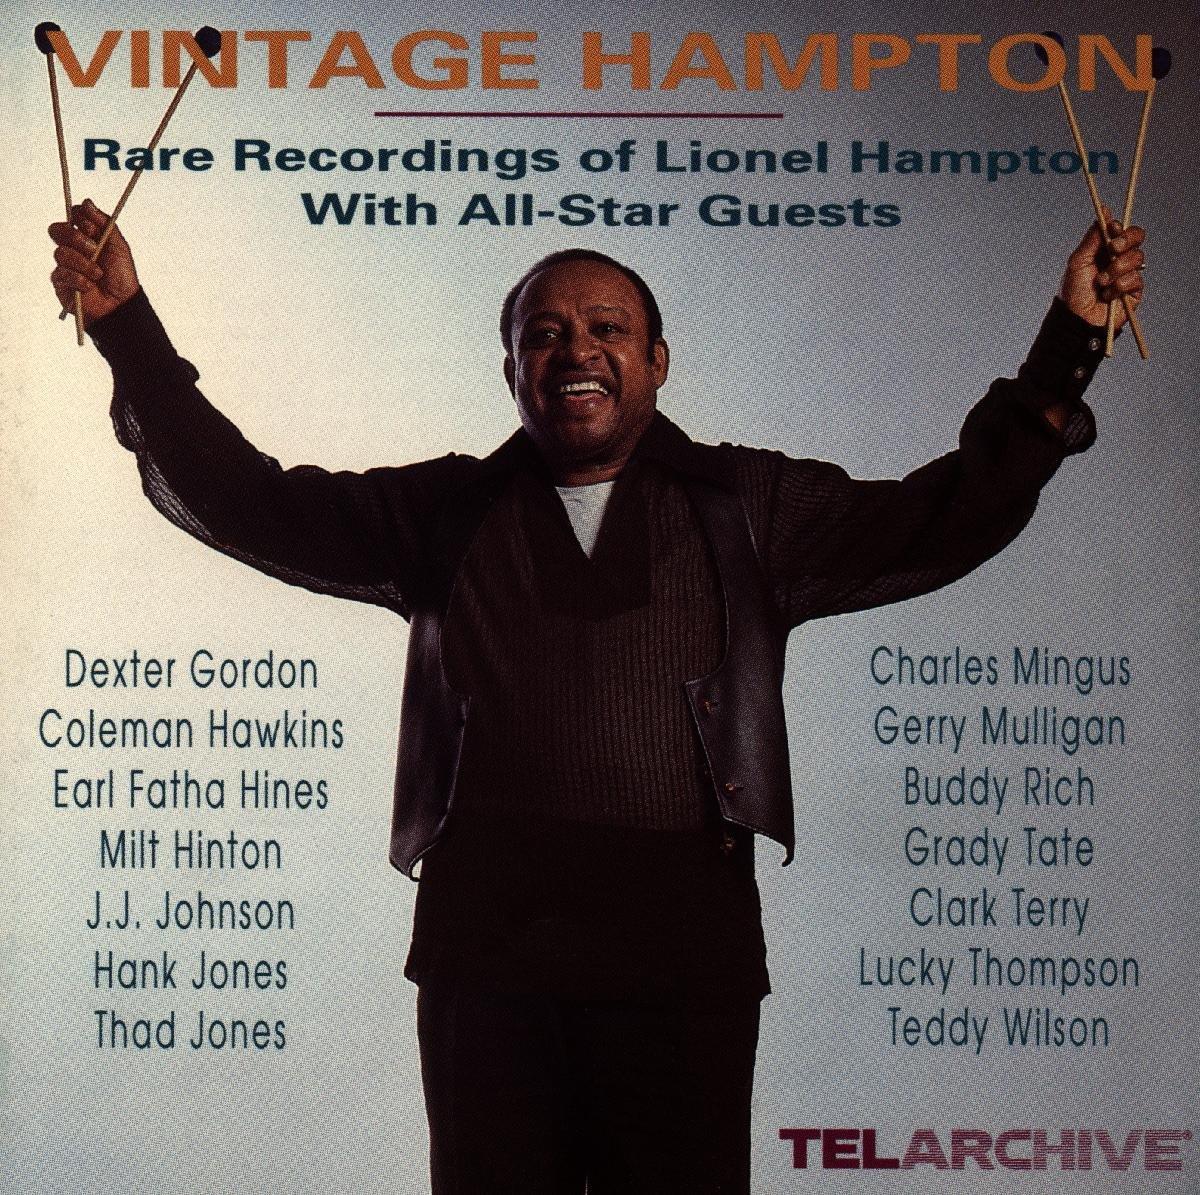 Lionel Hampton - Vintage Hampton (CD)